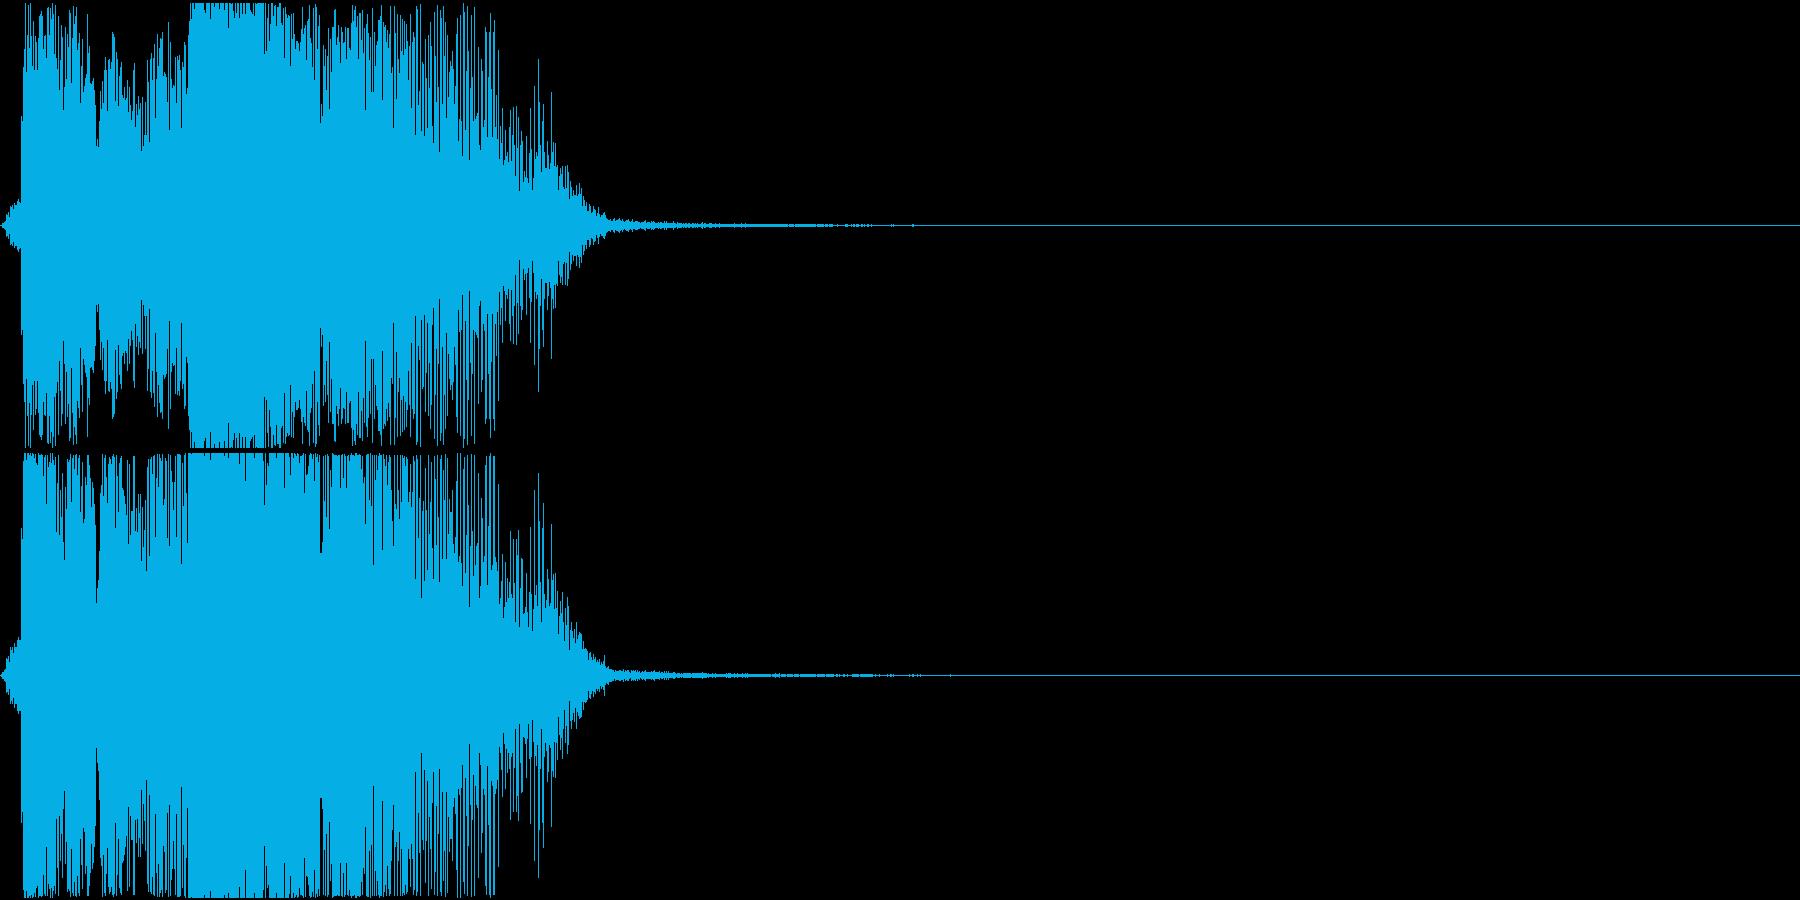 「ボーナスタイム」アプリ・ゲーム用2の再生済みの波形